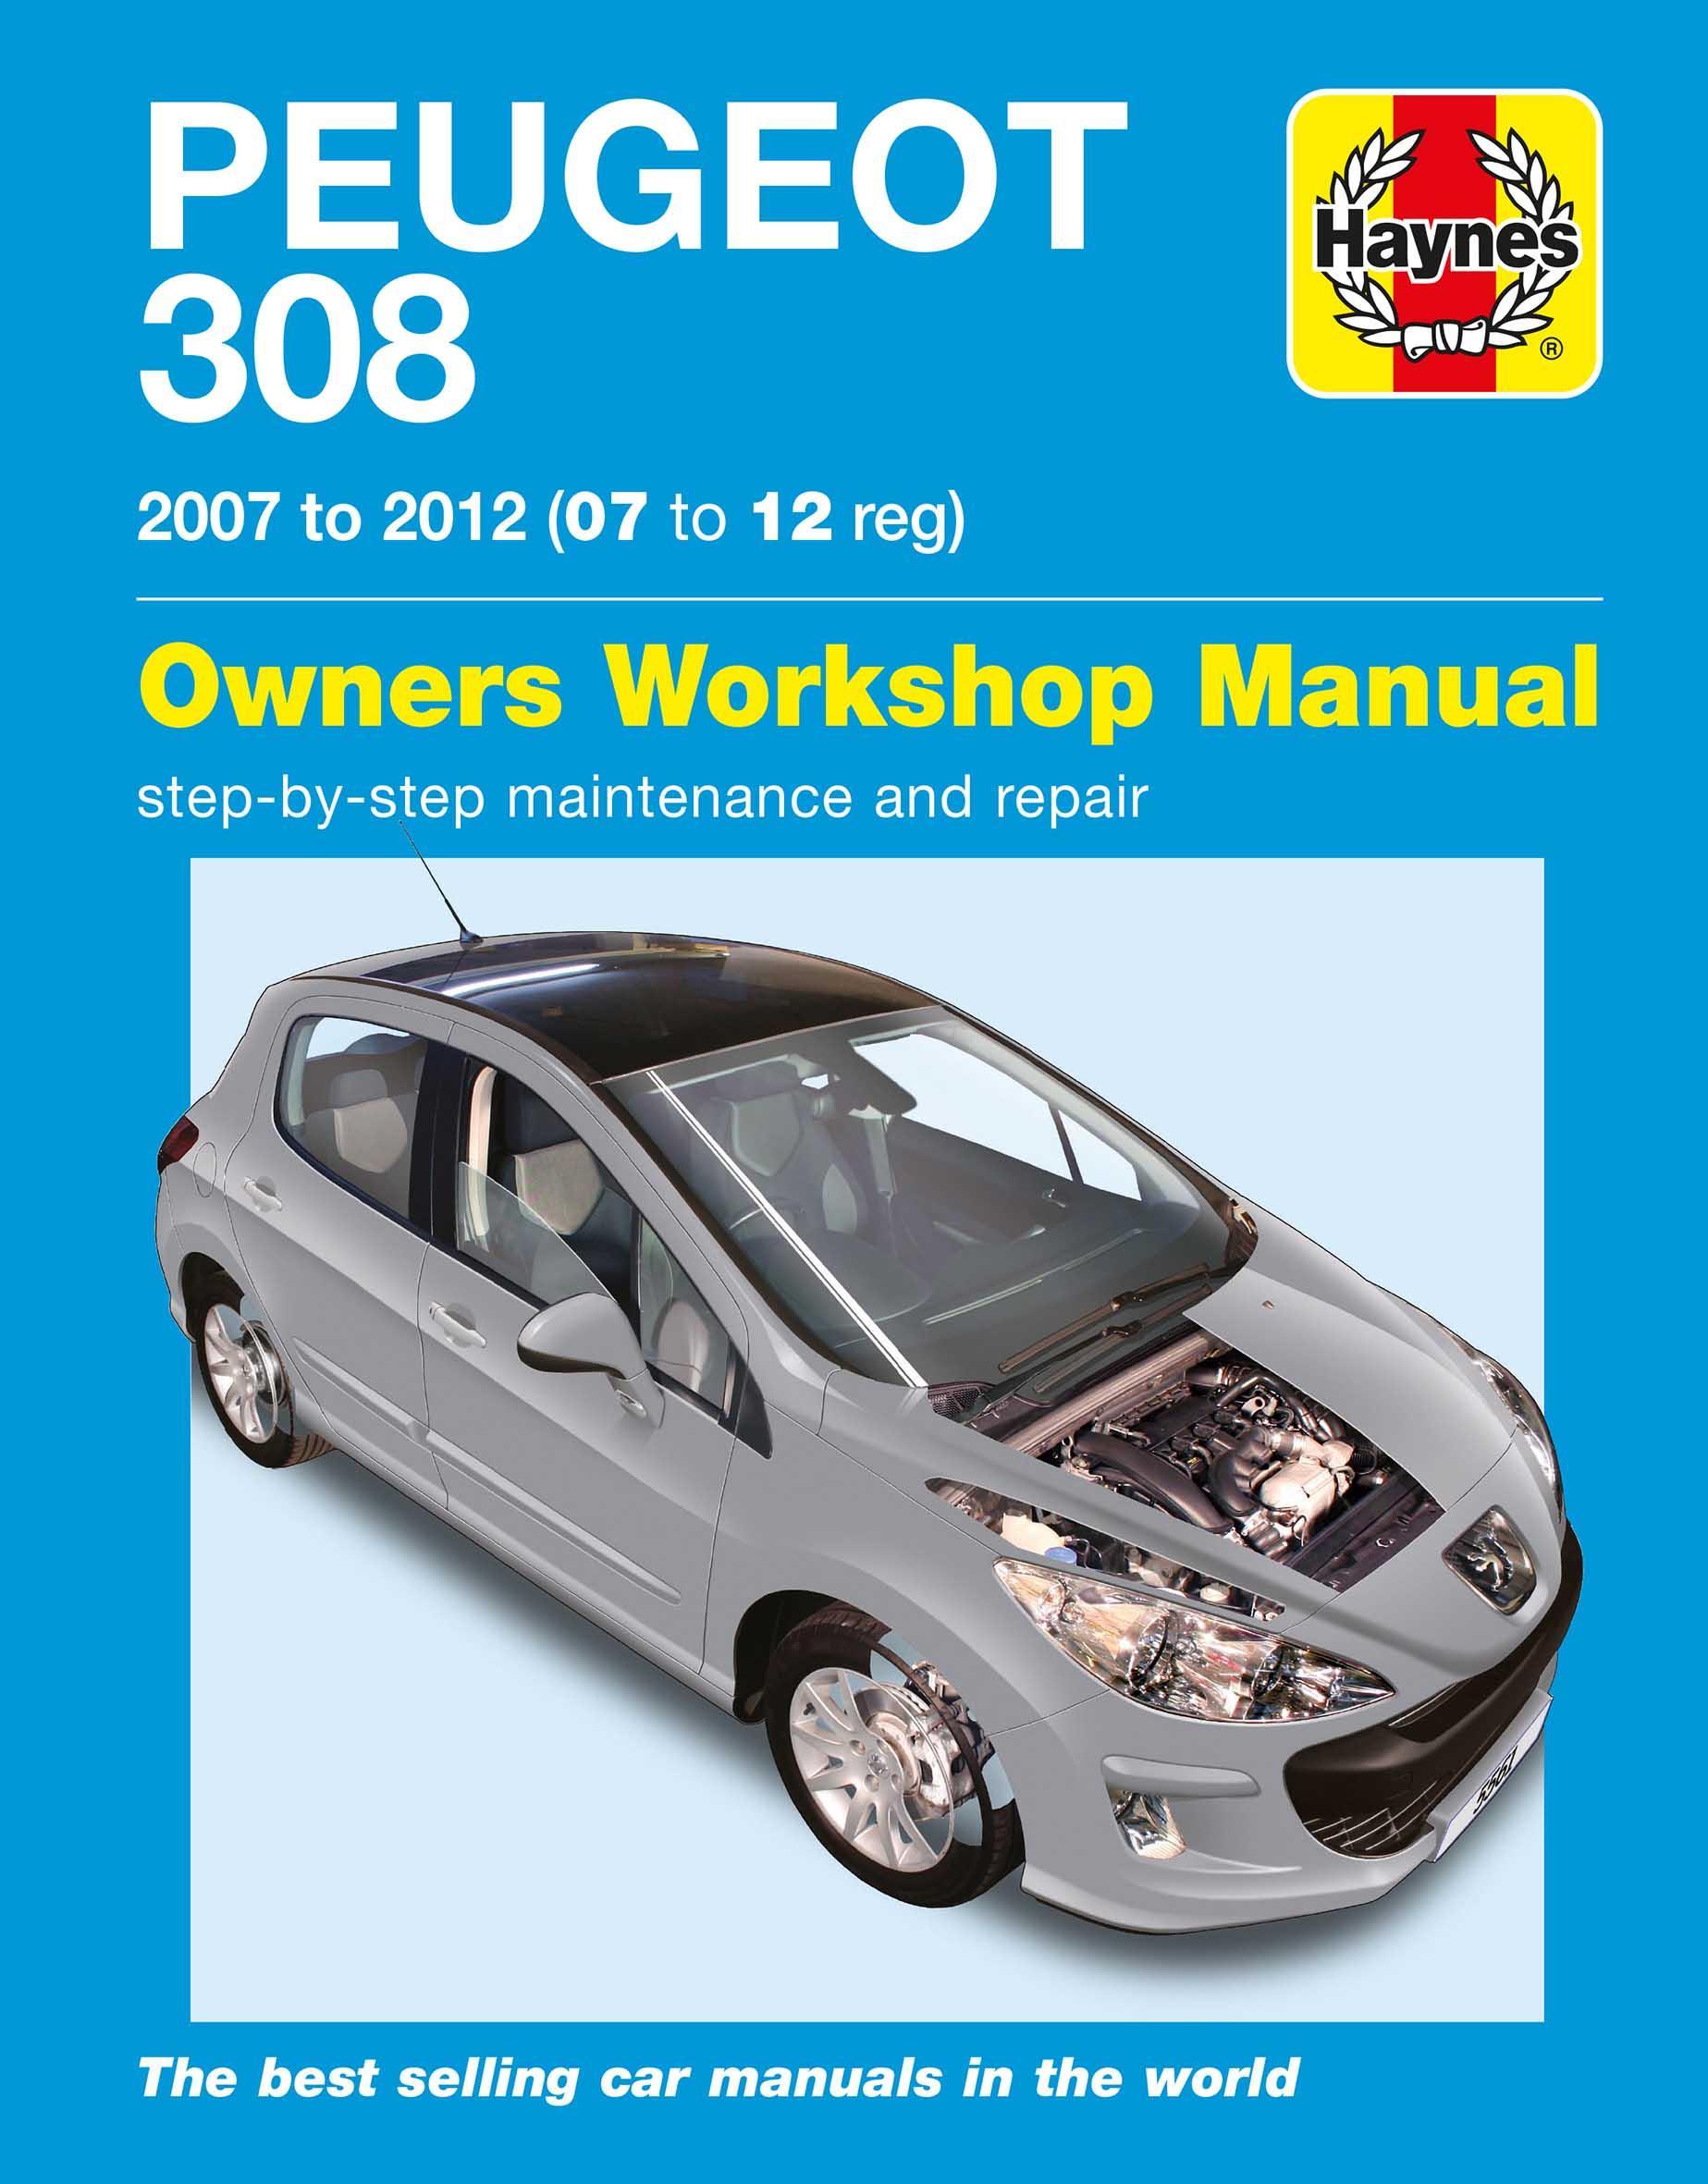 haynes car manual for peugeot online user manual u2022 rh pandadigital co 2007 Mini Cooper S Similar to Mini Cooper